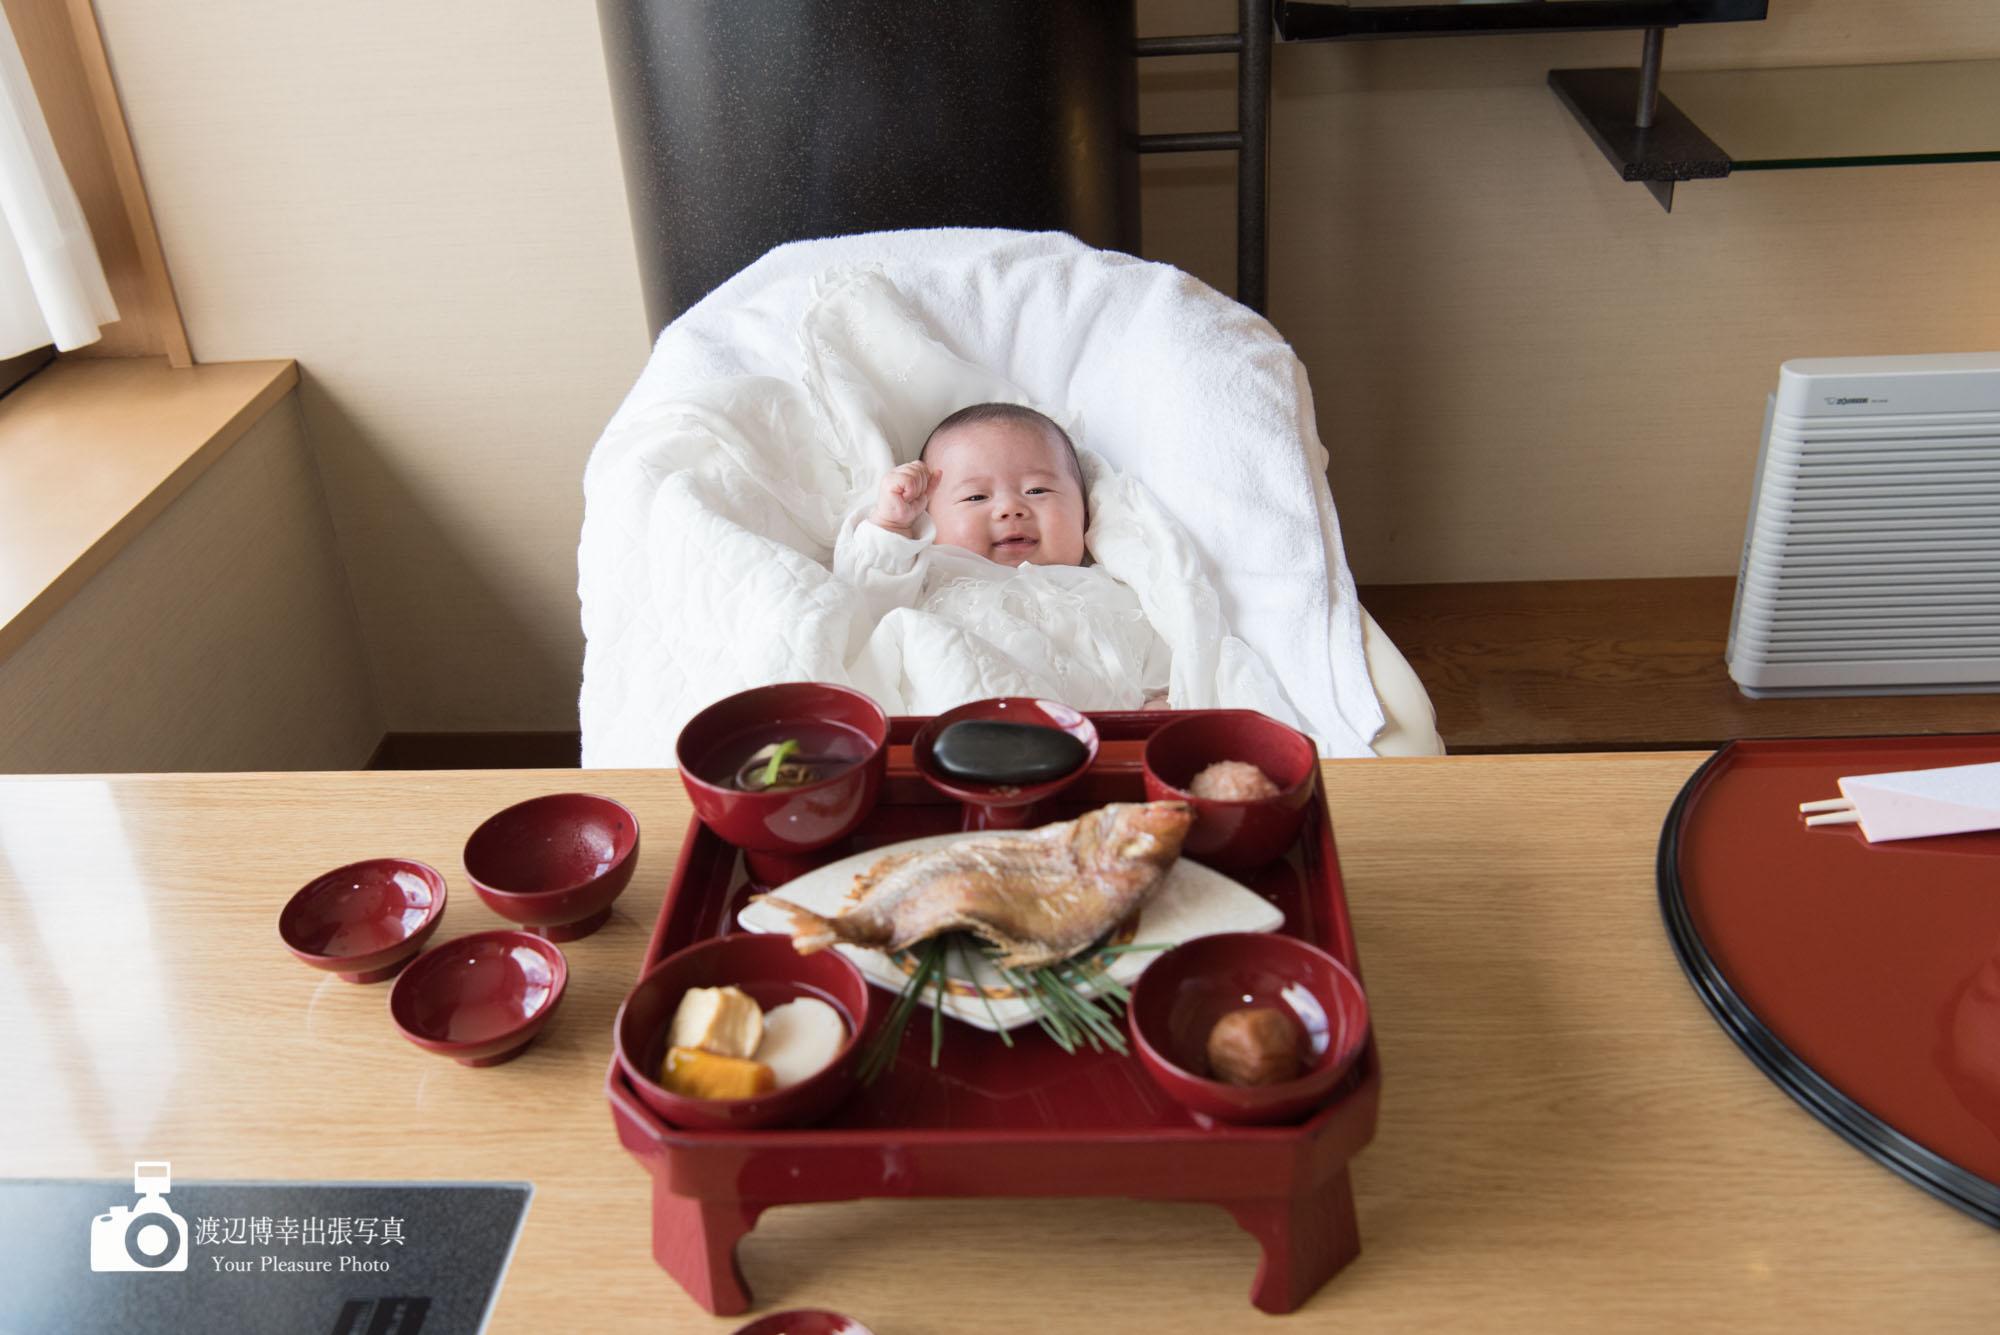 お食い初め膳を前にして笑う赤ちゃん